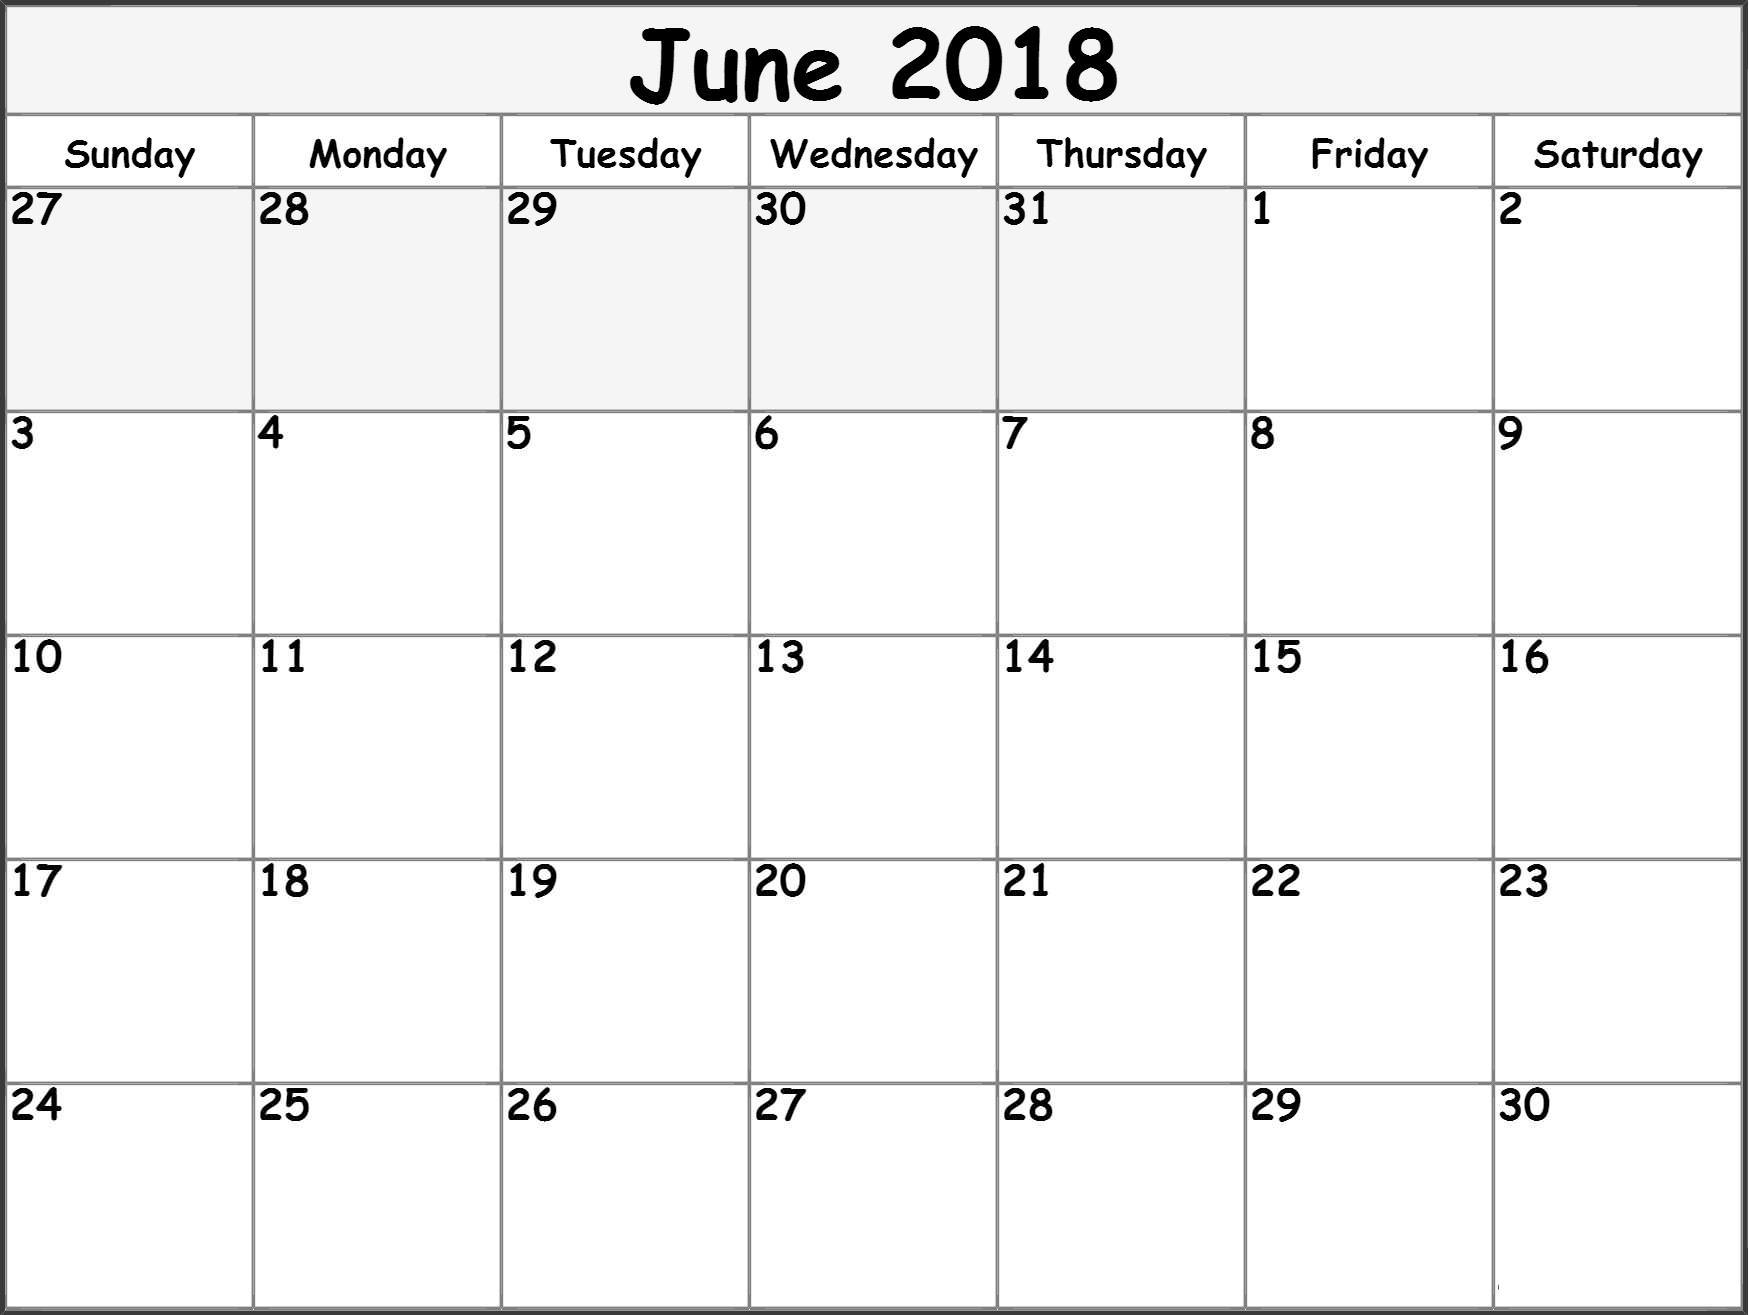 Online June 2018 Monthly Calendar